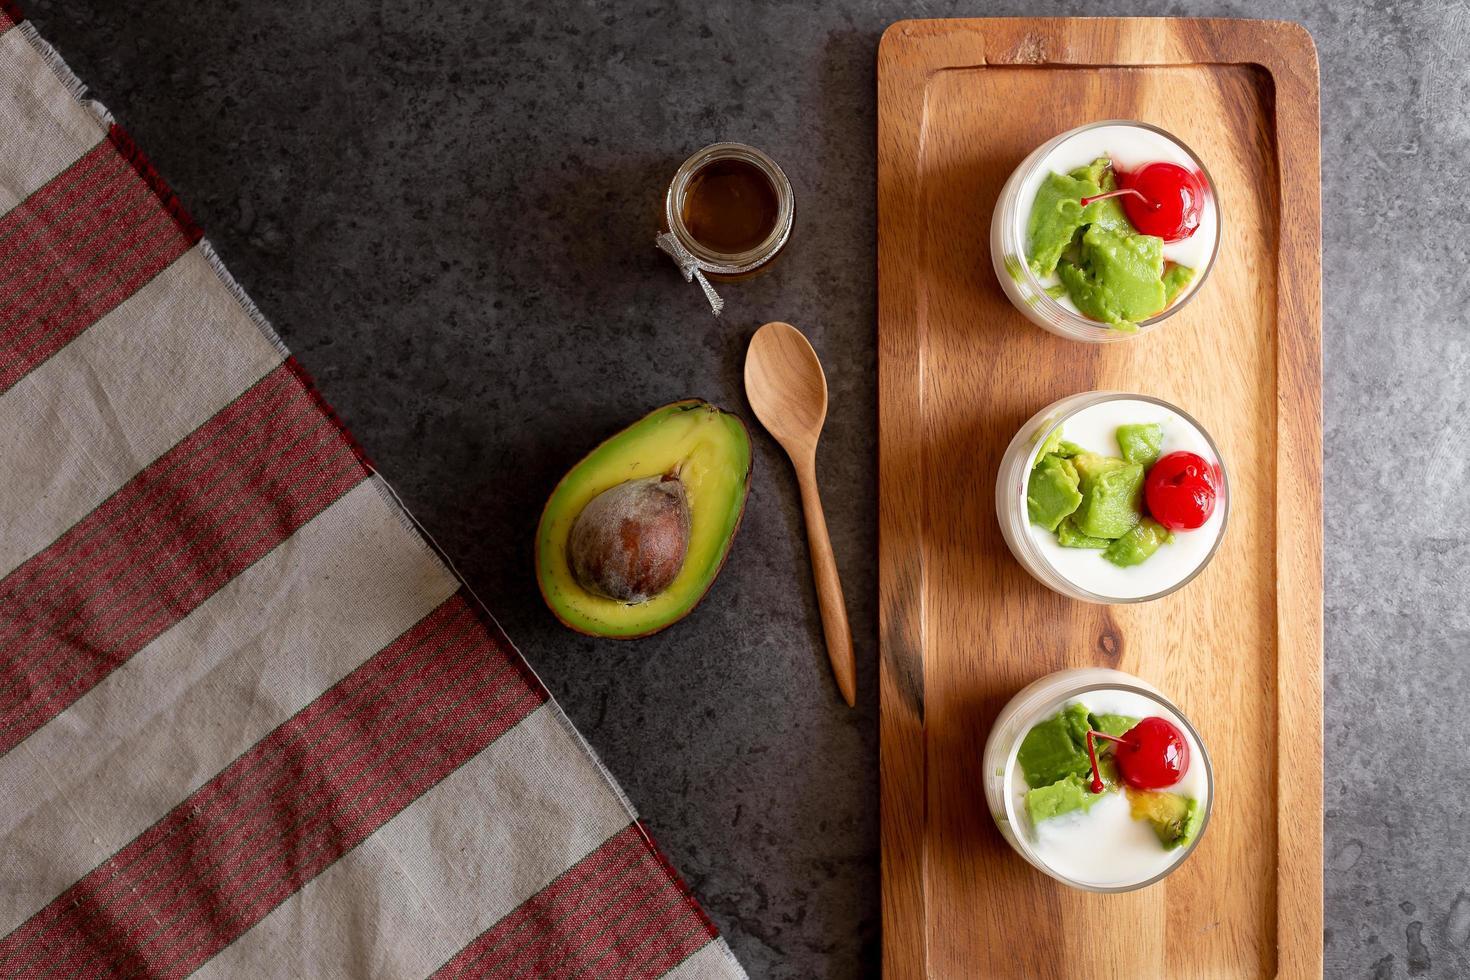 glas körsbär och avokado skivad i yoghurt på träbakgrund foto